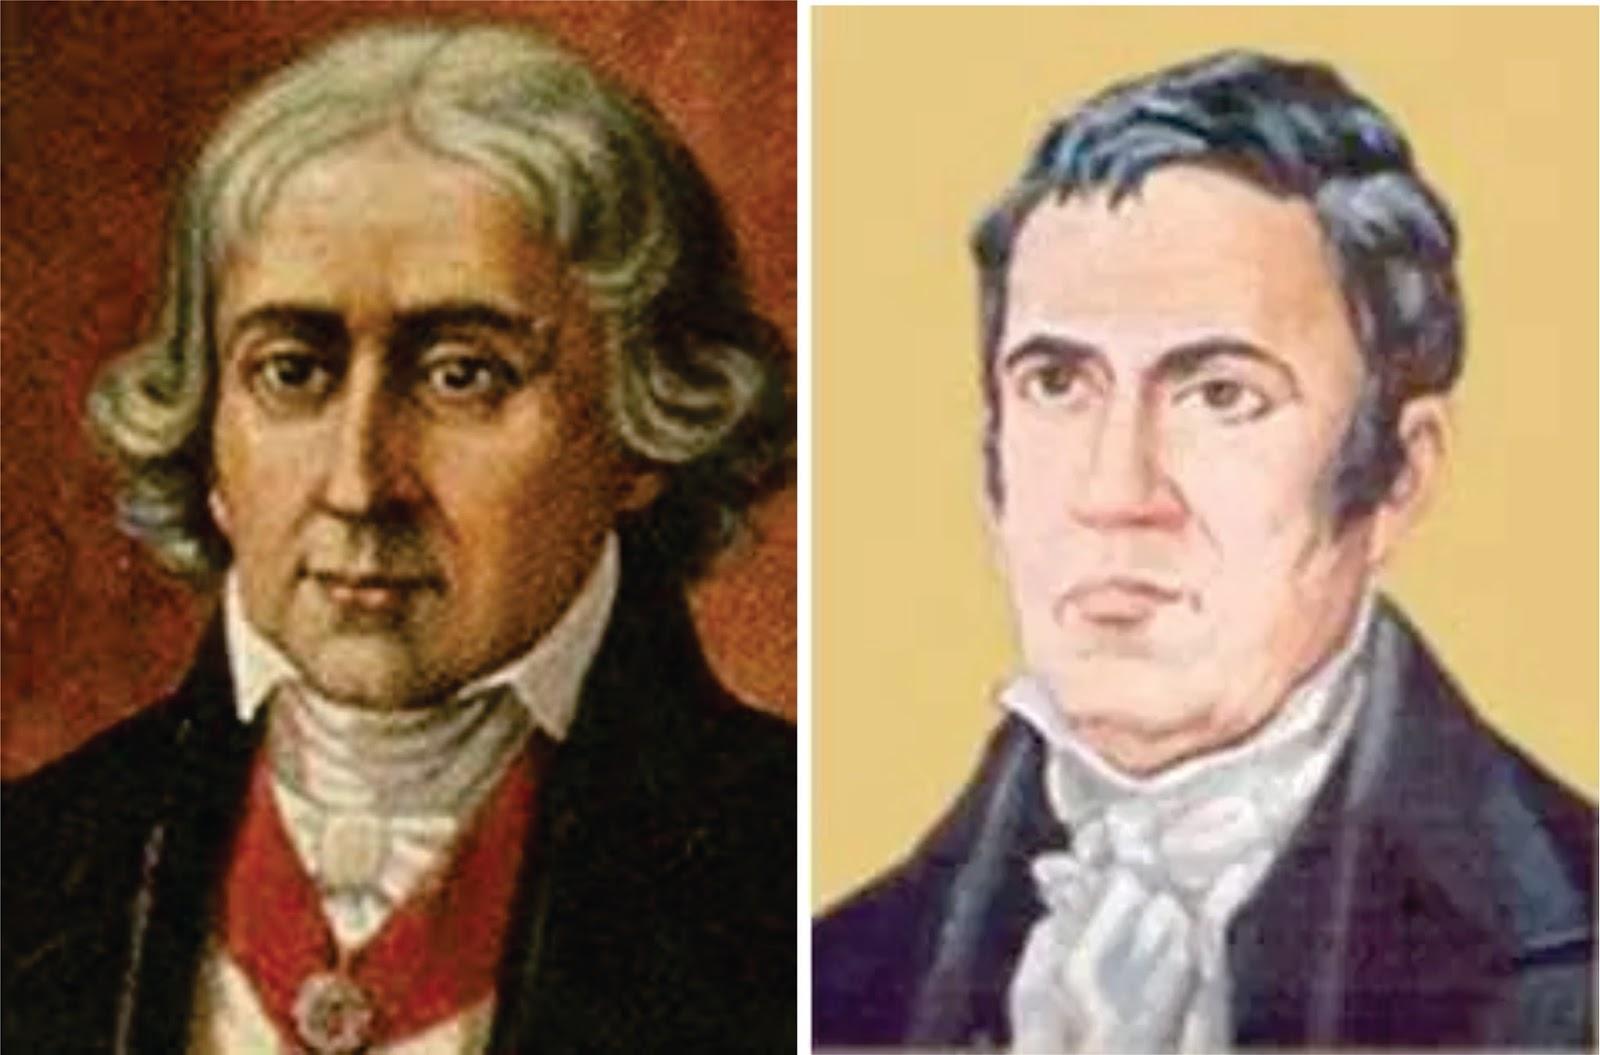 O Malhete: JOSÉ BONIFÁCIO E GONÇALVES LEDO - MAÇONS ANTAGONISTAS